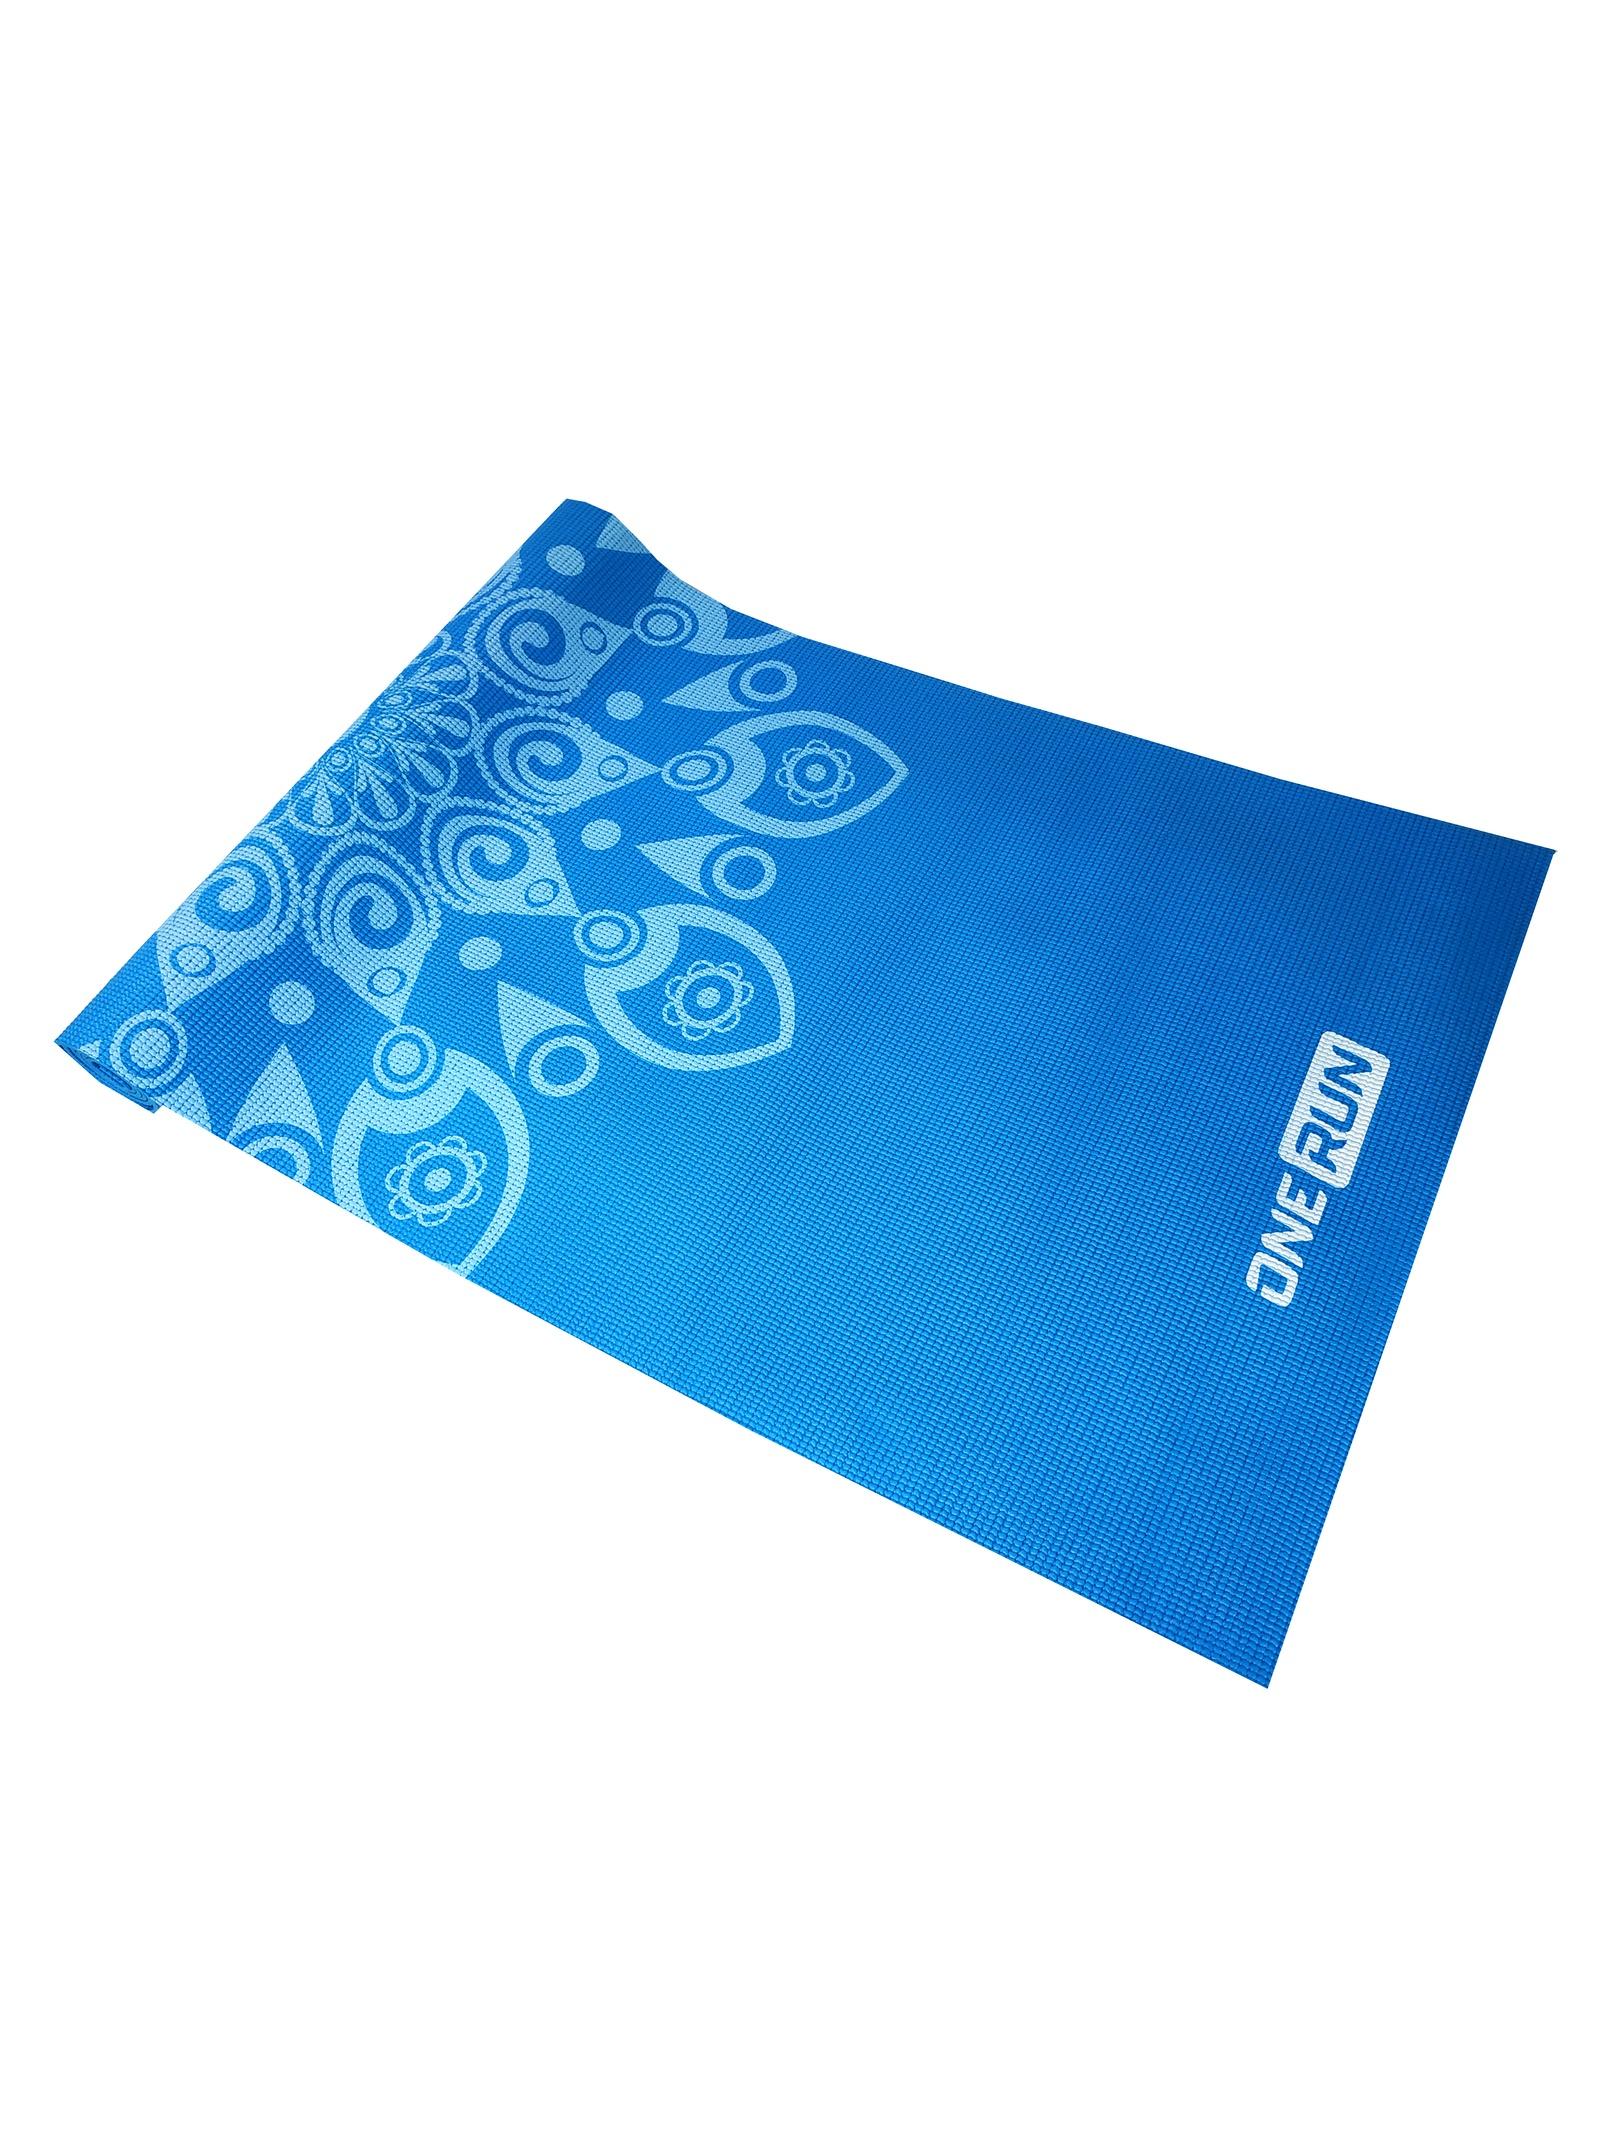 Коврик для йоги OneRun, цвет: голубой, 173 х 61 см коврик для йоги onerun цвет зеленый 173 х 61 см